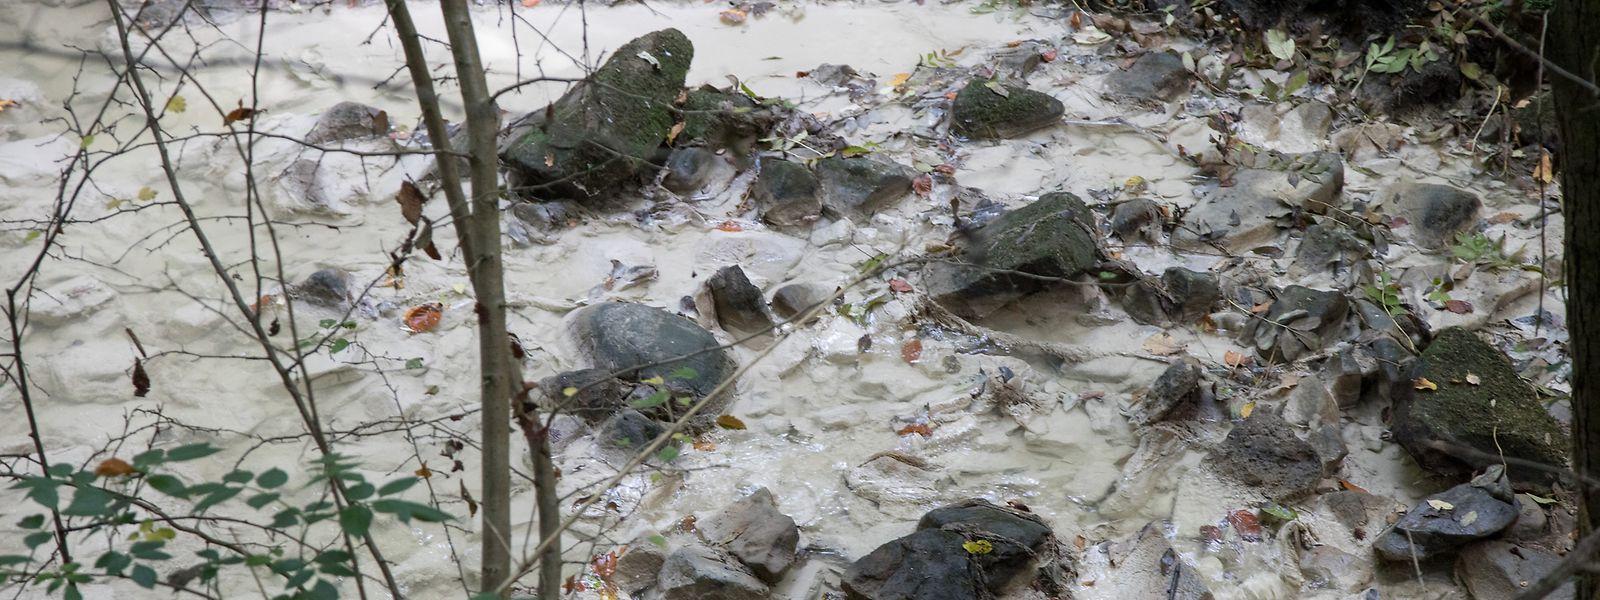 101 Fälle von Gewässerverschmutzung wurden 2017 gemeldet.